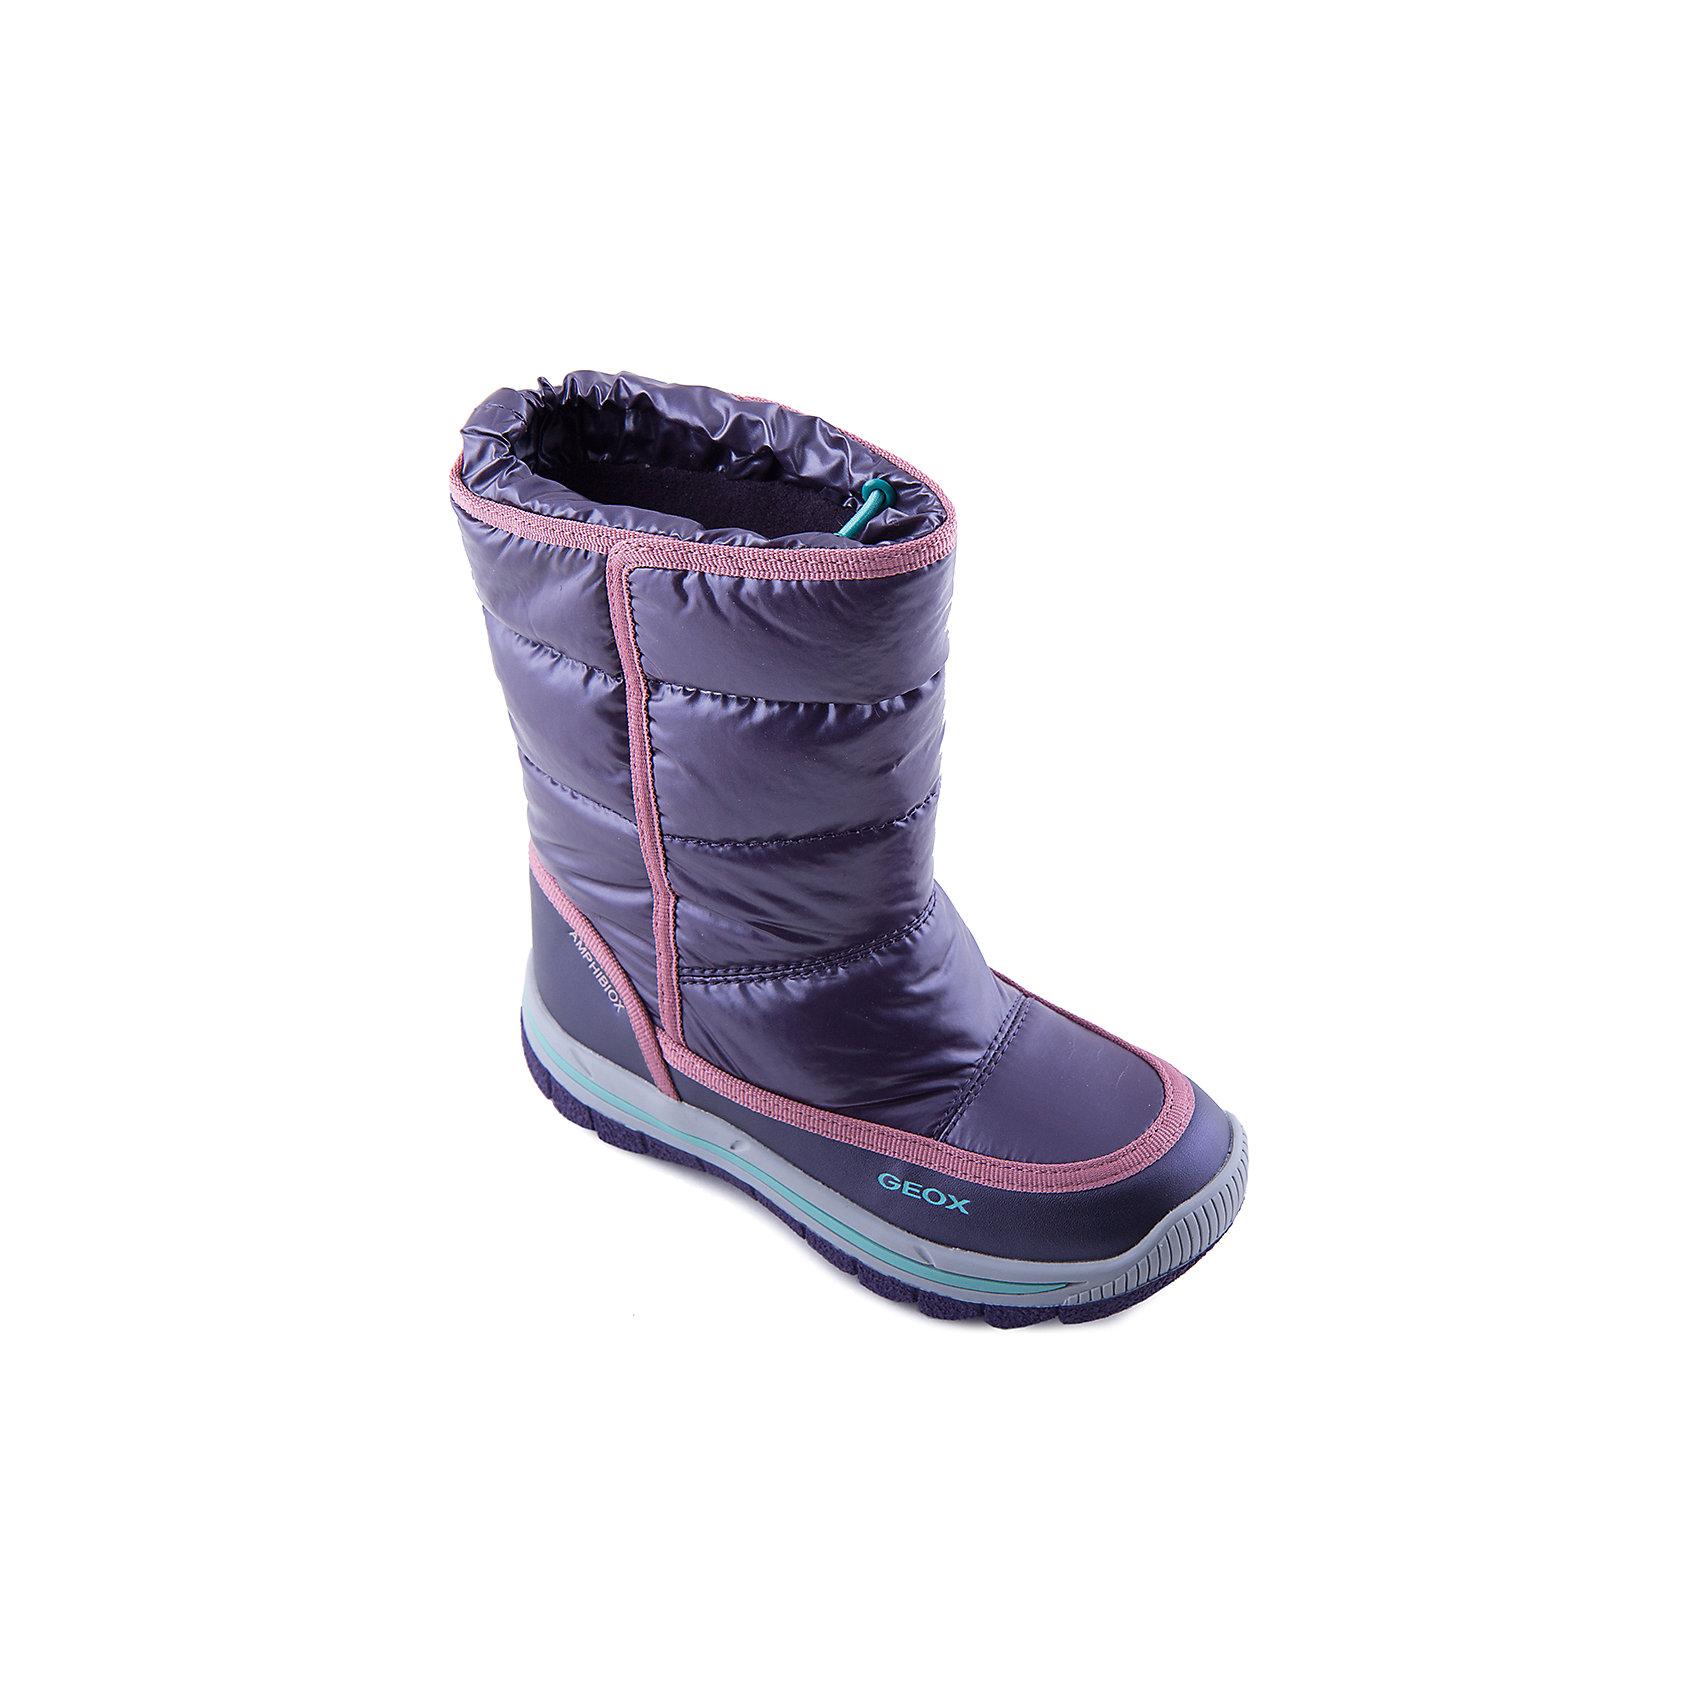 Сапоги для девочки GEOXЯркие сапоги от известной марки GEOX придутся по вкусу всем юным модницам! Модель фиолетового цвета имеет толстую подошву и теплую подкладку прекрасно защищающую ноги ребенка от холода. Застежка-утяжка препятствует попаданию снега в ботинки, рифленая подошва предотвращает скольжение на любой поверхности. Прекрасный вариант для холодной погоды.<br><br>Дополнительная информация:<br><br>- Теплая подкладка.<br>- Защита от промокания.<br>- Сезон: осень/зима.<br>- Температурный режим: от 0?до -20?.<br>- Тип застежки: утяжка. <br>- Цвет: фиолетовый.<br><br>Состав:<br>- Верх: искусственная кожа, текстиль. <br>- Подкладка: байка, текстиль.<br>- Подошва: резина.<br>- Стелька: текстиль.<br><br>Сапоги для девочки, GEOX (Геокс), можно купить в нашем магазине.<br><br>Ширина мм: 257<br>Глубина мм: 180<br>Высота мм: 130<br>Вес г: 420<br>Цвет: фиолетовый<br>Возраст от месяцев: 60<br>Возраст до месяцев: 72<br>Пол: Женский<br>Возраст: Детский<br>Размер: 29,33,28,31,37,39,38,36,35,34,32,30<br>SKU: 4178493